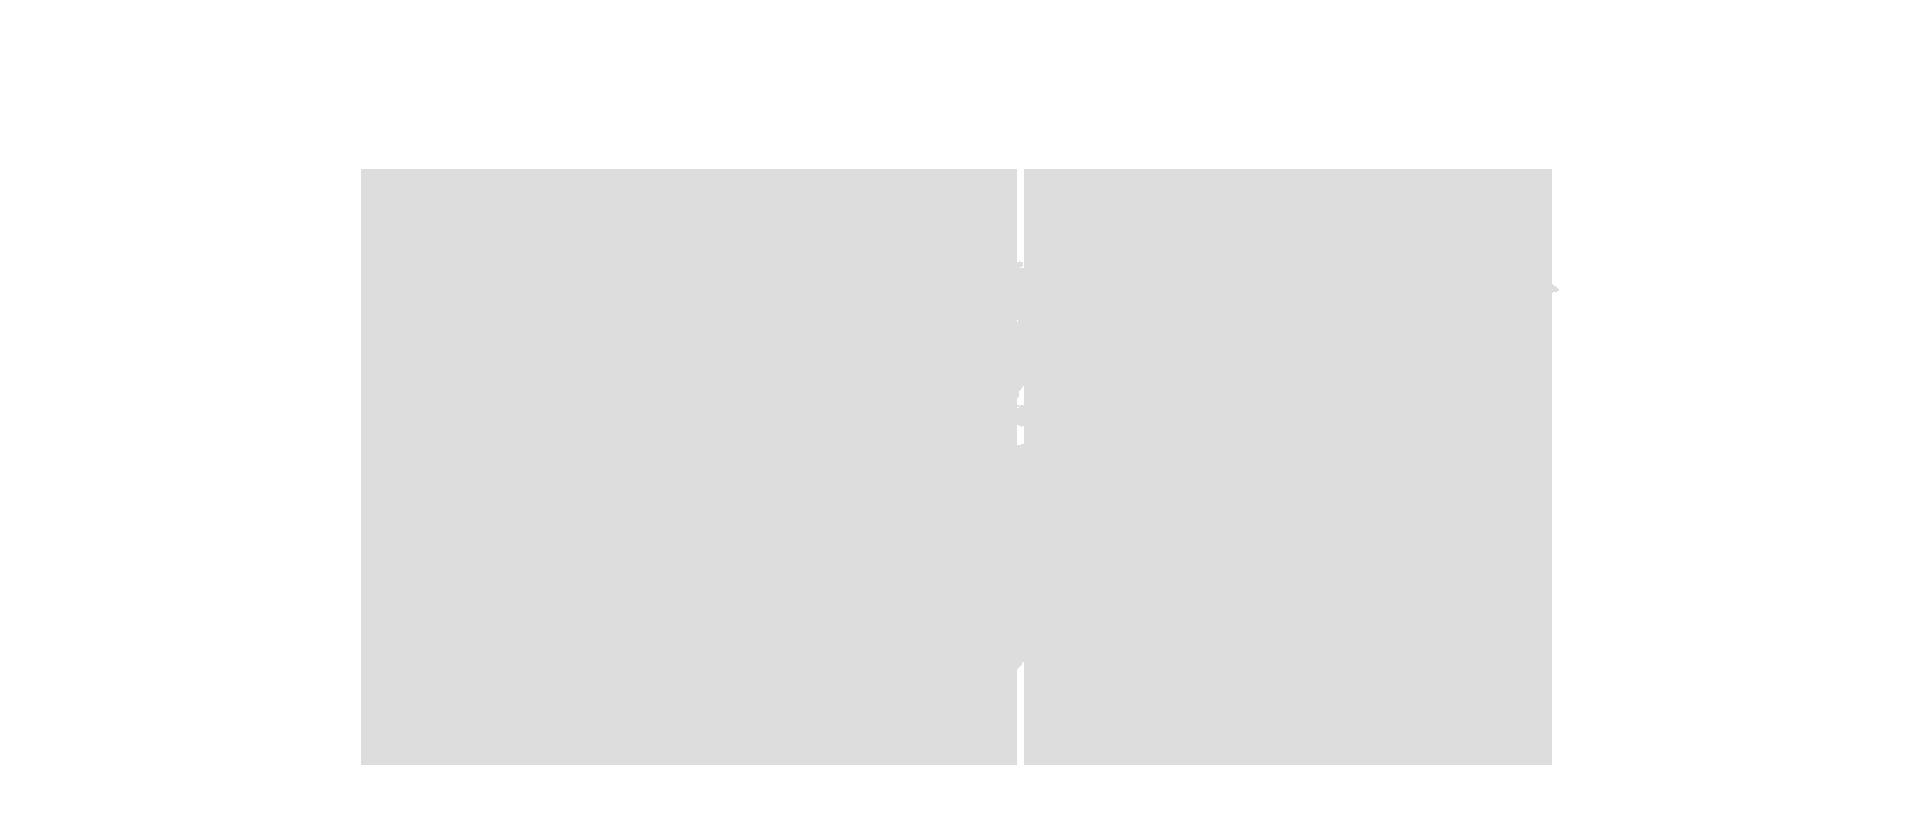 map-000